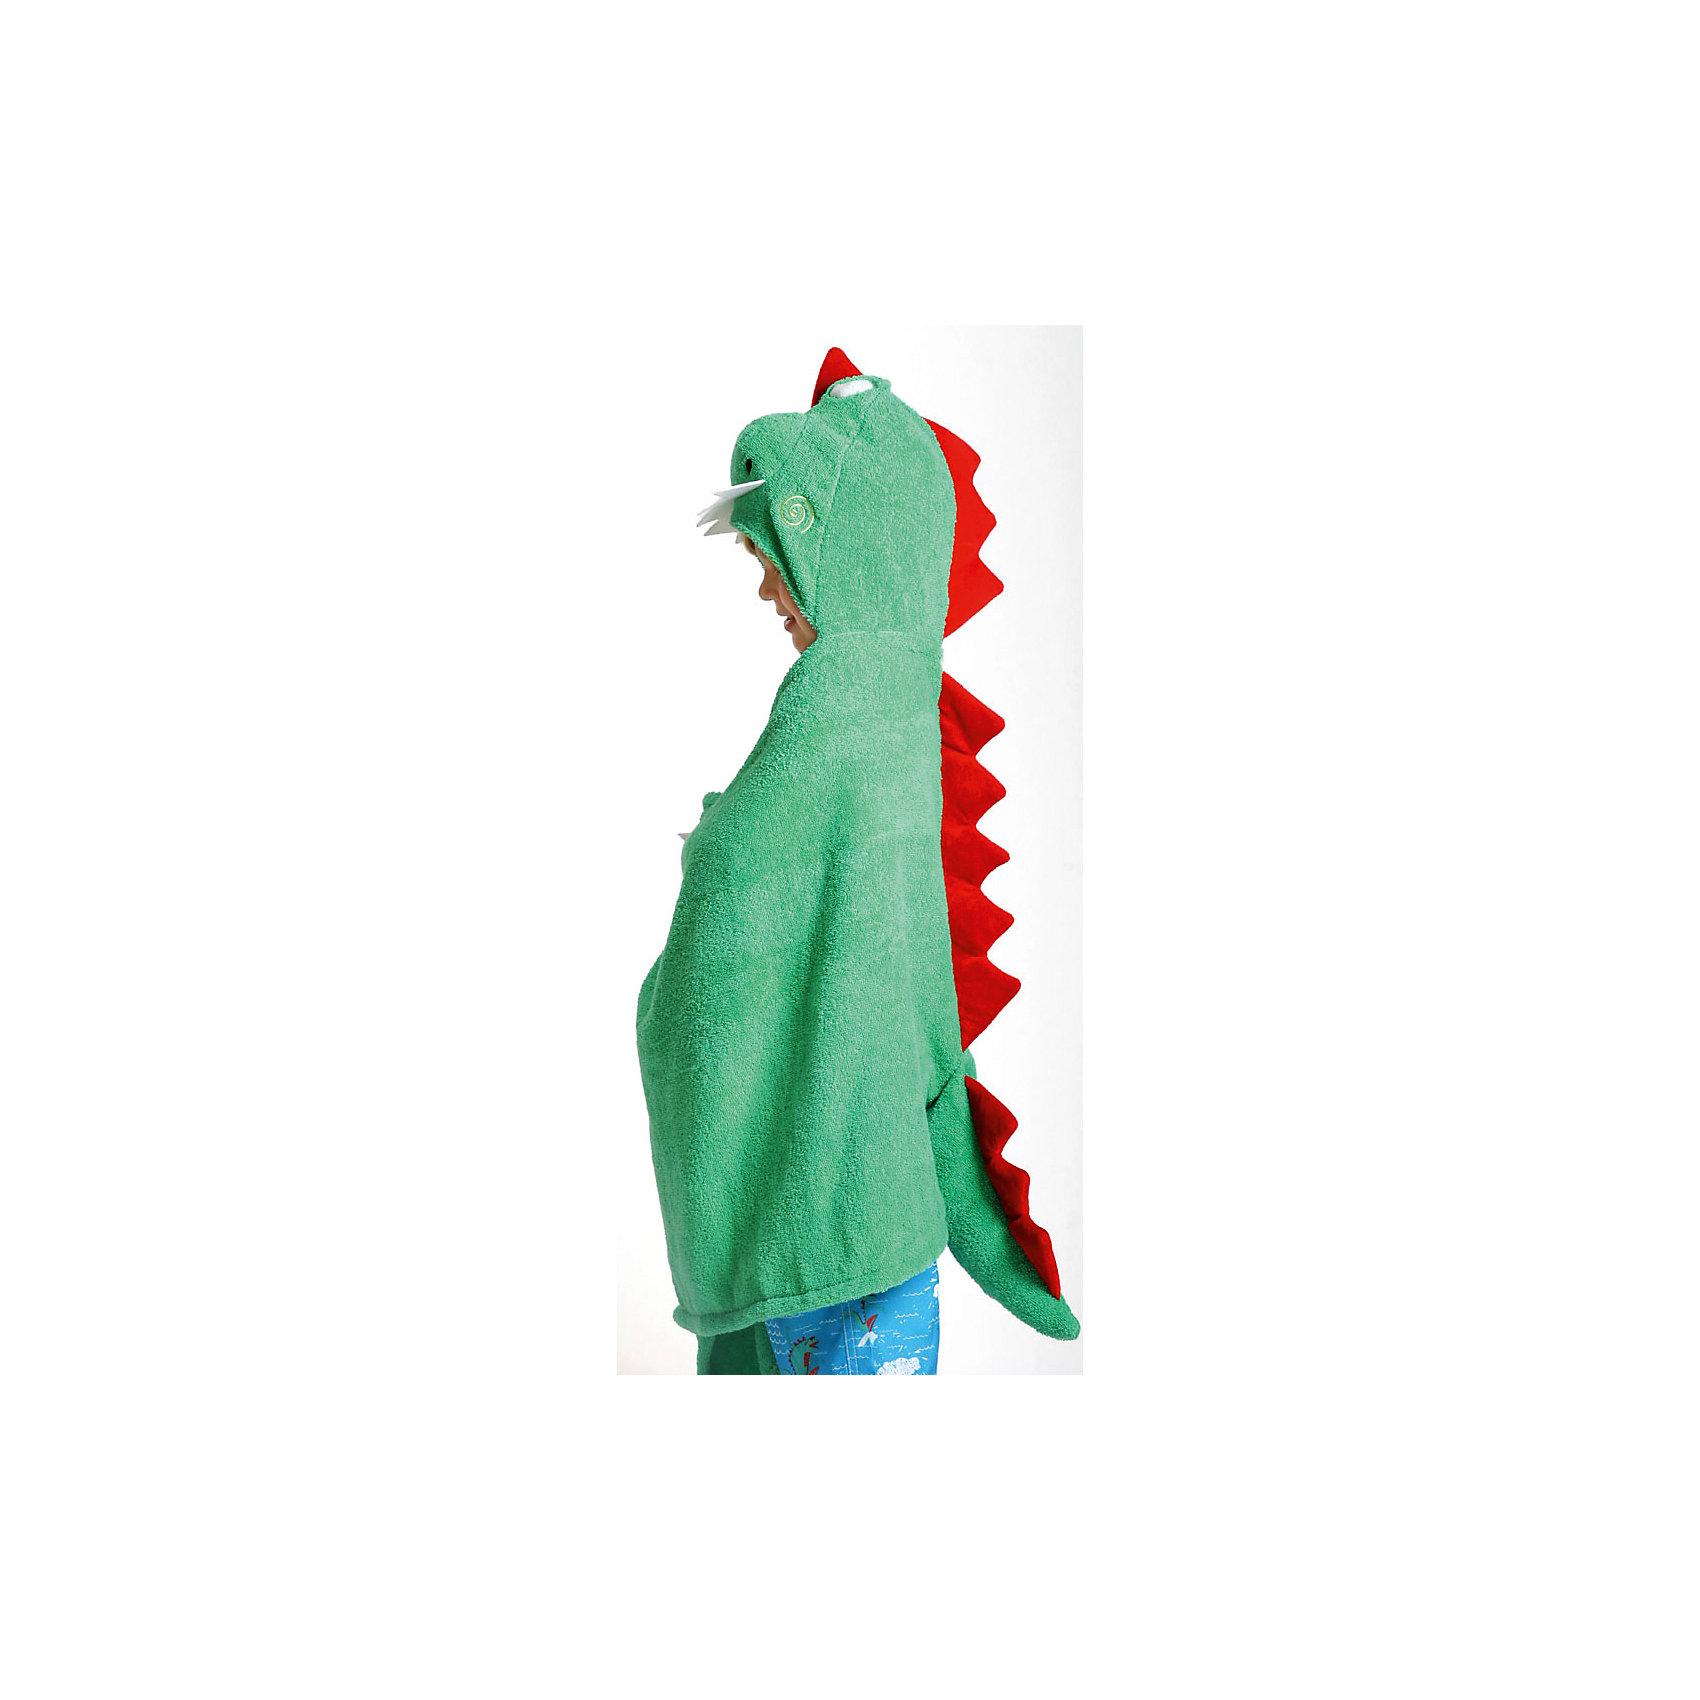 Полотенце с капюшоном Devin the Dinosaur (от 2 лет), ZoocchiniДомашний текстиль<br>Полотенце с капюшоном Devin the Dinosaur (от 2 лет) Динозавр Дэвин от американского бренда Zoocchini (Зукинни) сделает принятие ванны еще уютнее и приятнее. Специалисты из США и Канады, объединенные любовью к животным, создали компанию с товарами для детей в виде зверей. Большое хлопковое полотенце прекрасно впитывает влагу, а забавный капюшон с качественно вышитым динозавриком защищает от сквозняков. По краям имеются дополнительные уголки для рук в виде лапок, превращая полотенце почти в костюм, отличный повод для веселого маскарада! Насыщенный зеленый цвет и дизайн придут по вкусу всей семье. Отлично подходит деткам от двух лет. <br>Дополнительная информация:<br><br>- Состав: 100% хлопок<br>- Размер: 127 * 55 см.<br>Полотенце с капюшоном Devin the Dinosaur (от 2 лет) Динозавр Дэвин, Zoocchini (Зукини) можно купить в нашем интернет-магазине.<br>Подробнее:<br>• Для детей в возрасте: от 2 лет<br>• Номер товара: 4976026<br>Страна производитель: Китай<br><br>Ширина мм: 305<br>Глубина мм: 50<br>Высота мм: 305<br>Вес г: 594<br>Возраст от месяцев: 24<br>Возраст до месяцев: 72<br>Пол: Унисекс<br>Возраст: Детский<br>SKU: 4976026